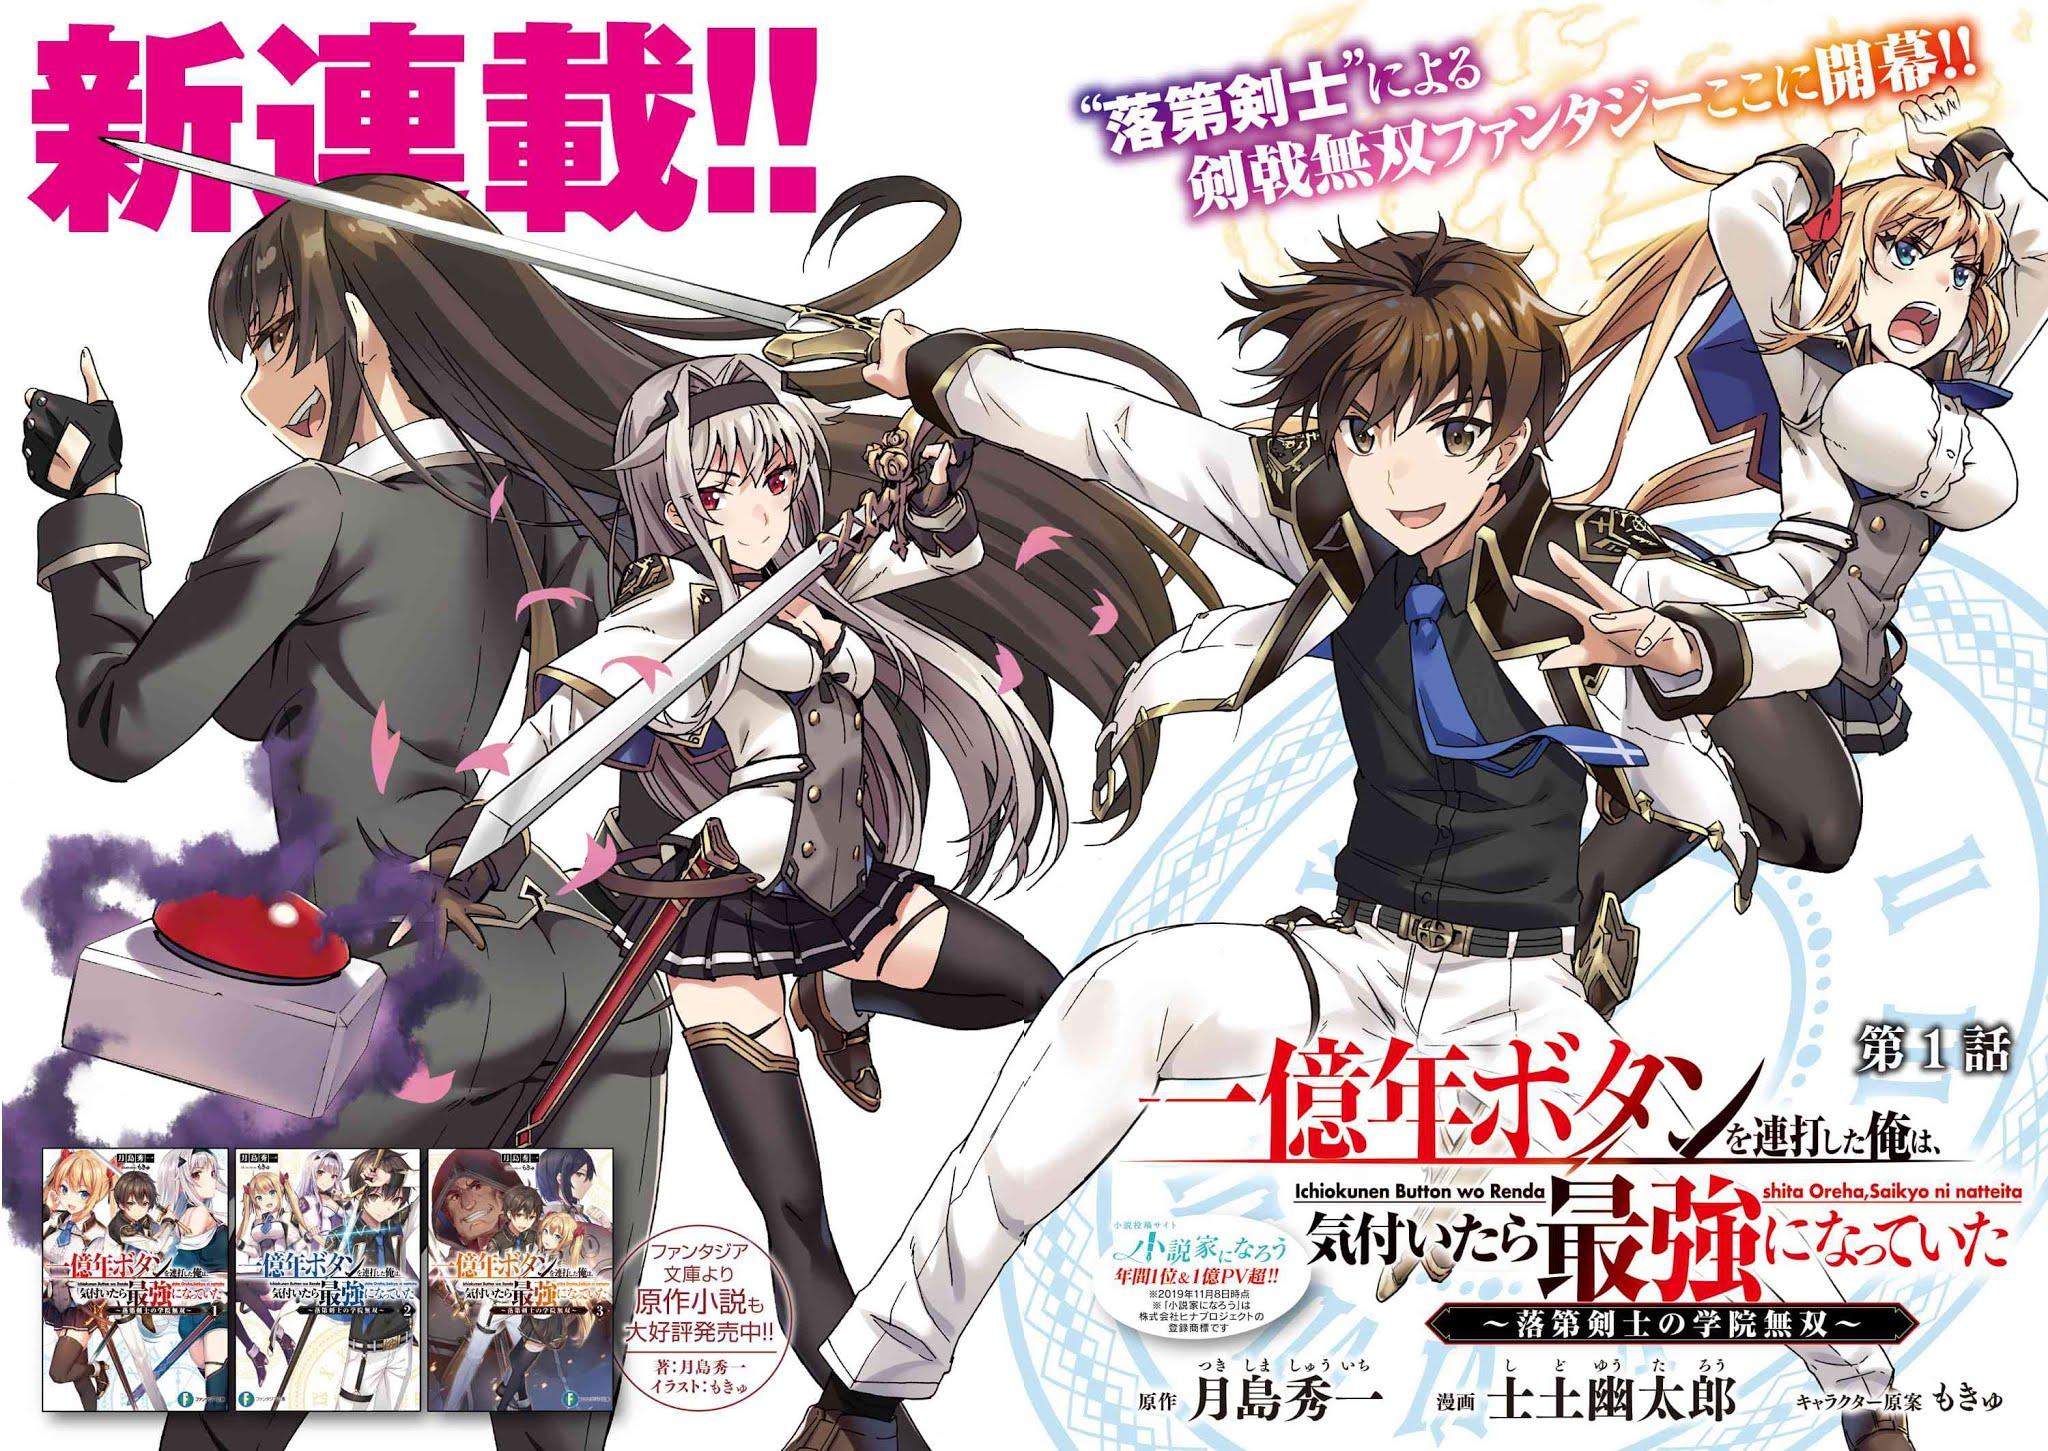 อ่านการ์ตูน Ichioku-nen Button o Renda Shita Ore wa Kizuitara Saikyou ni Natteita ตอนที่ 1.1 หน้าที่ 3